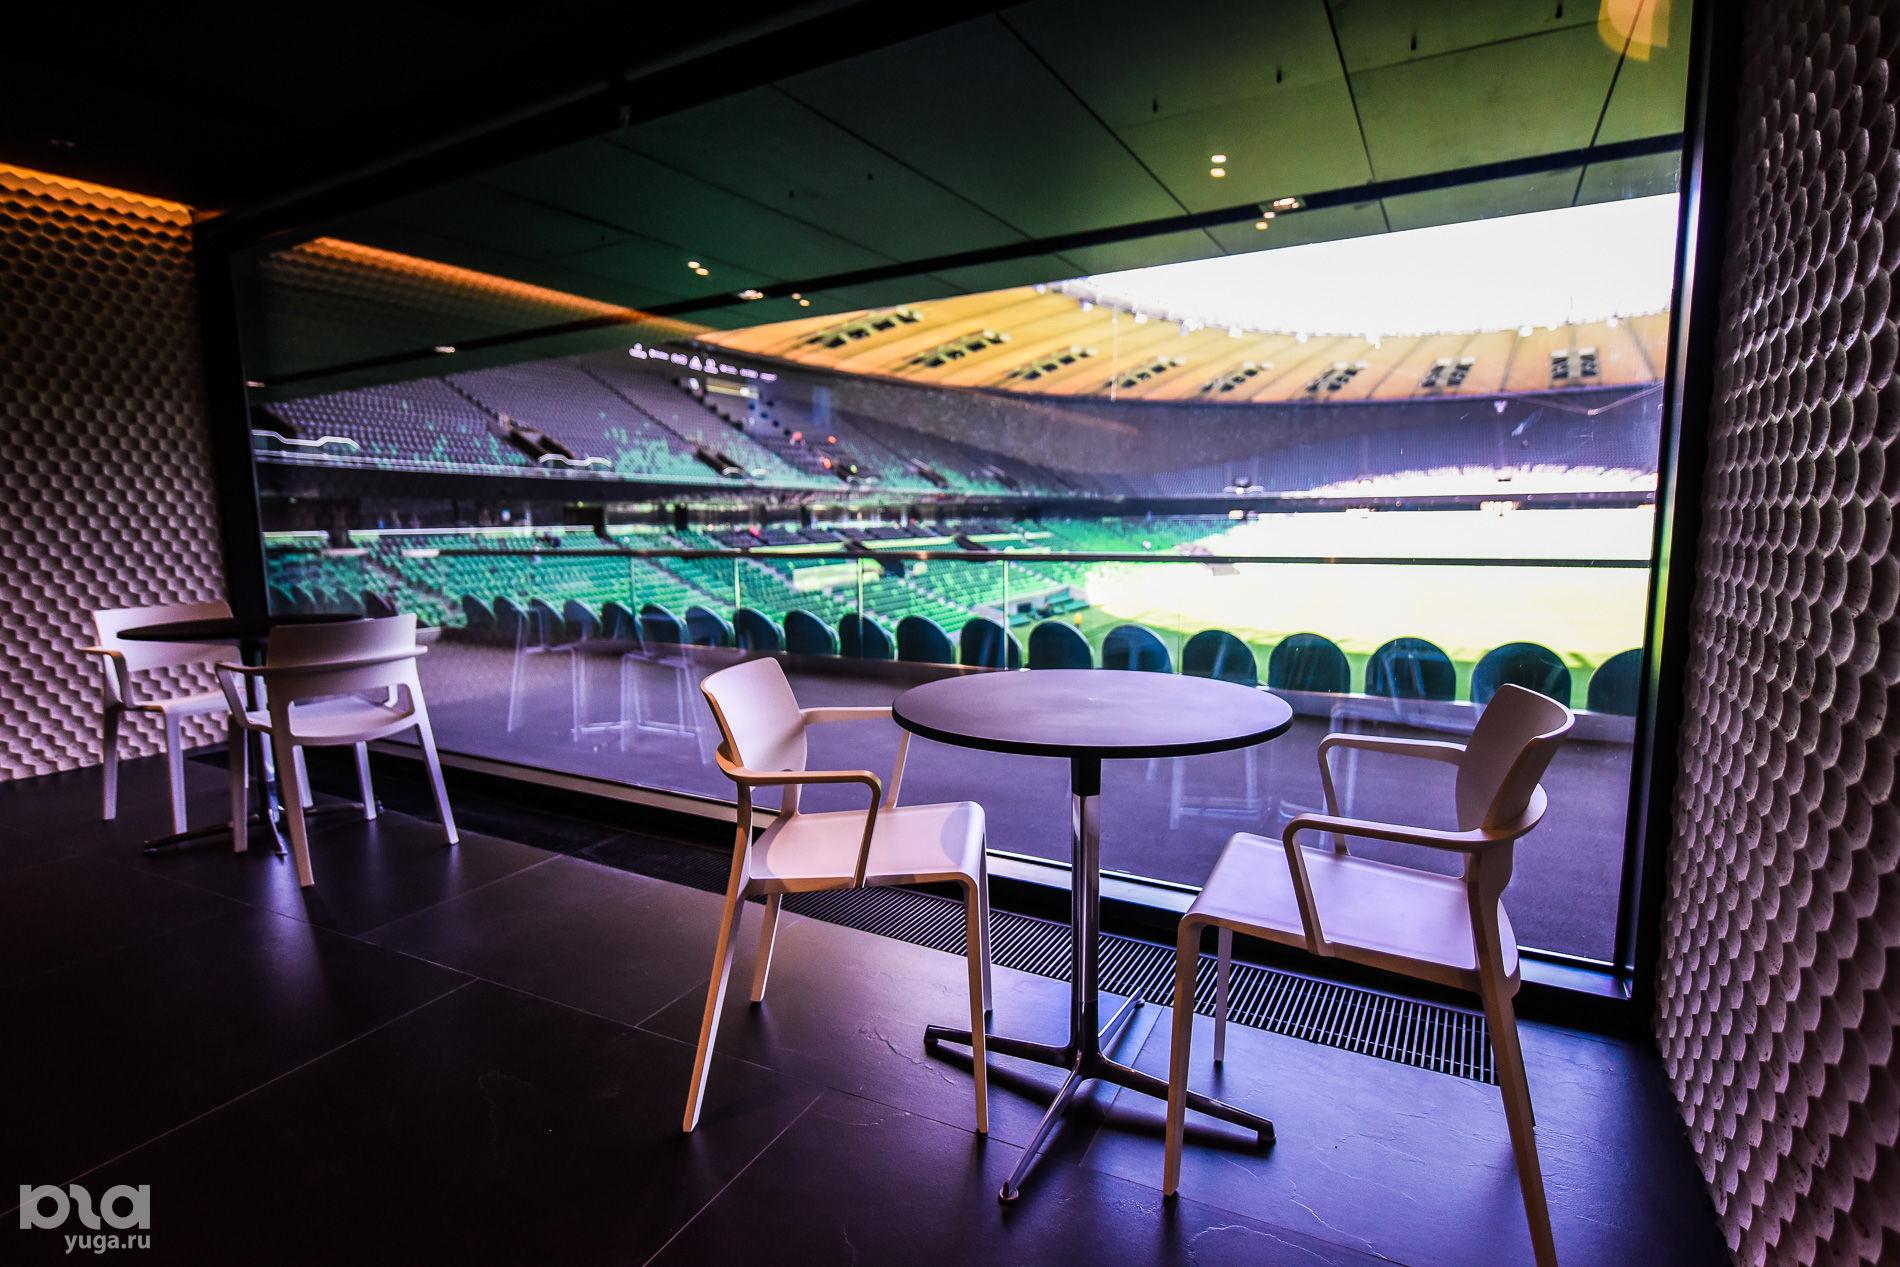 Один из двух панорамных баров на стадионе ФК «Краснодар» ©Елена Синеок, ЮГА.ру